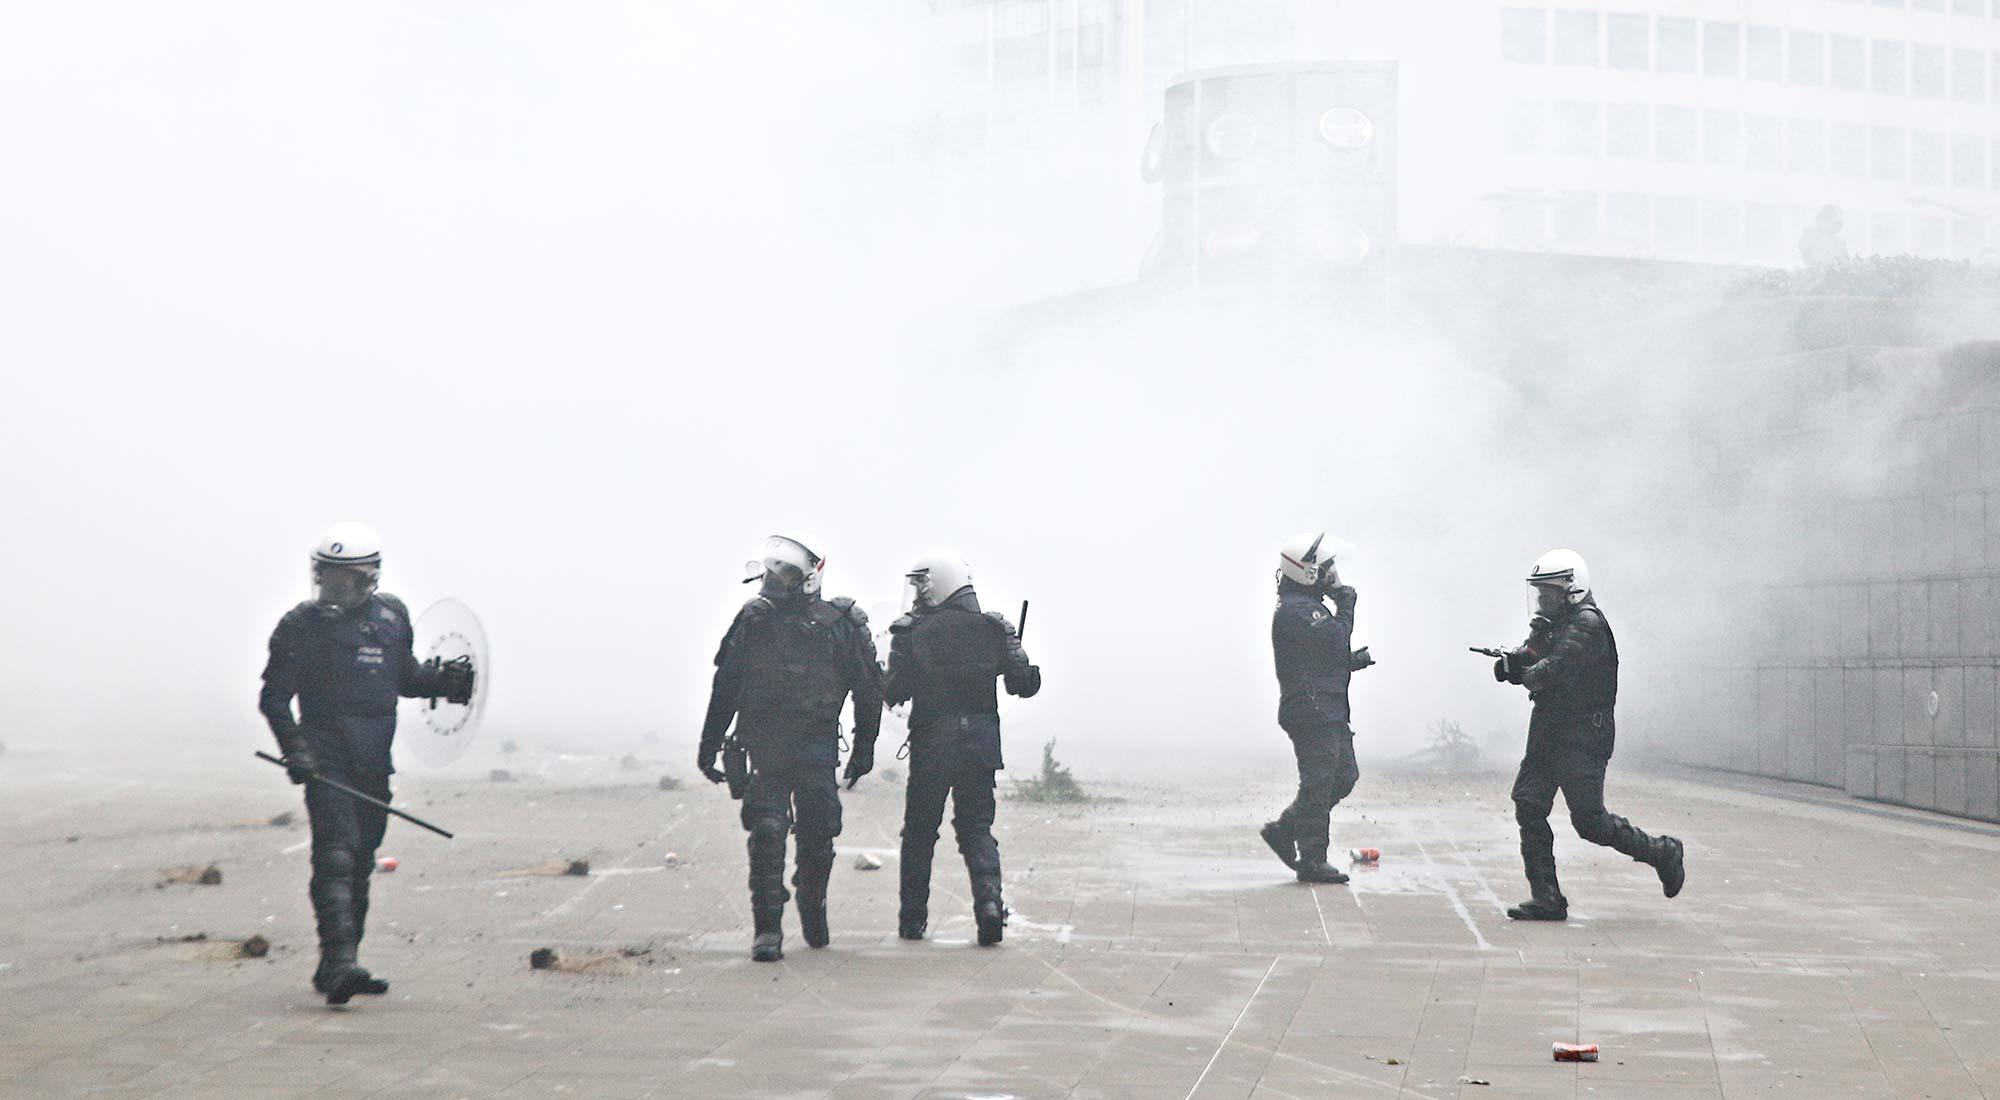 Réprimer plus lourdement les violences perpétrées contre les agents du service public